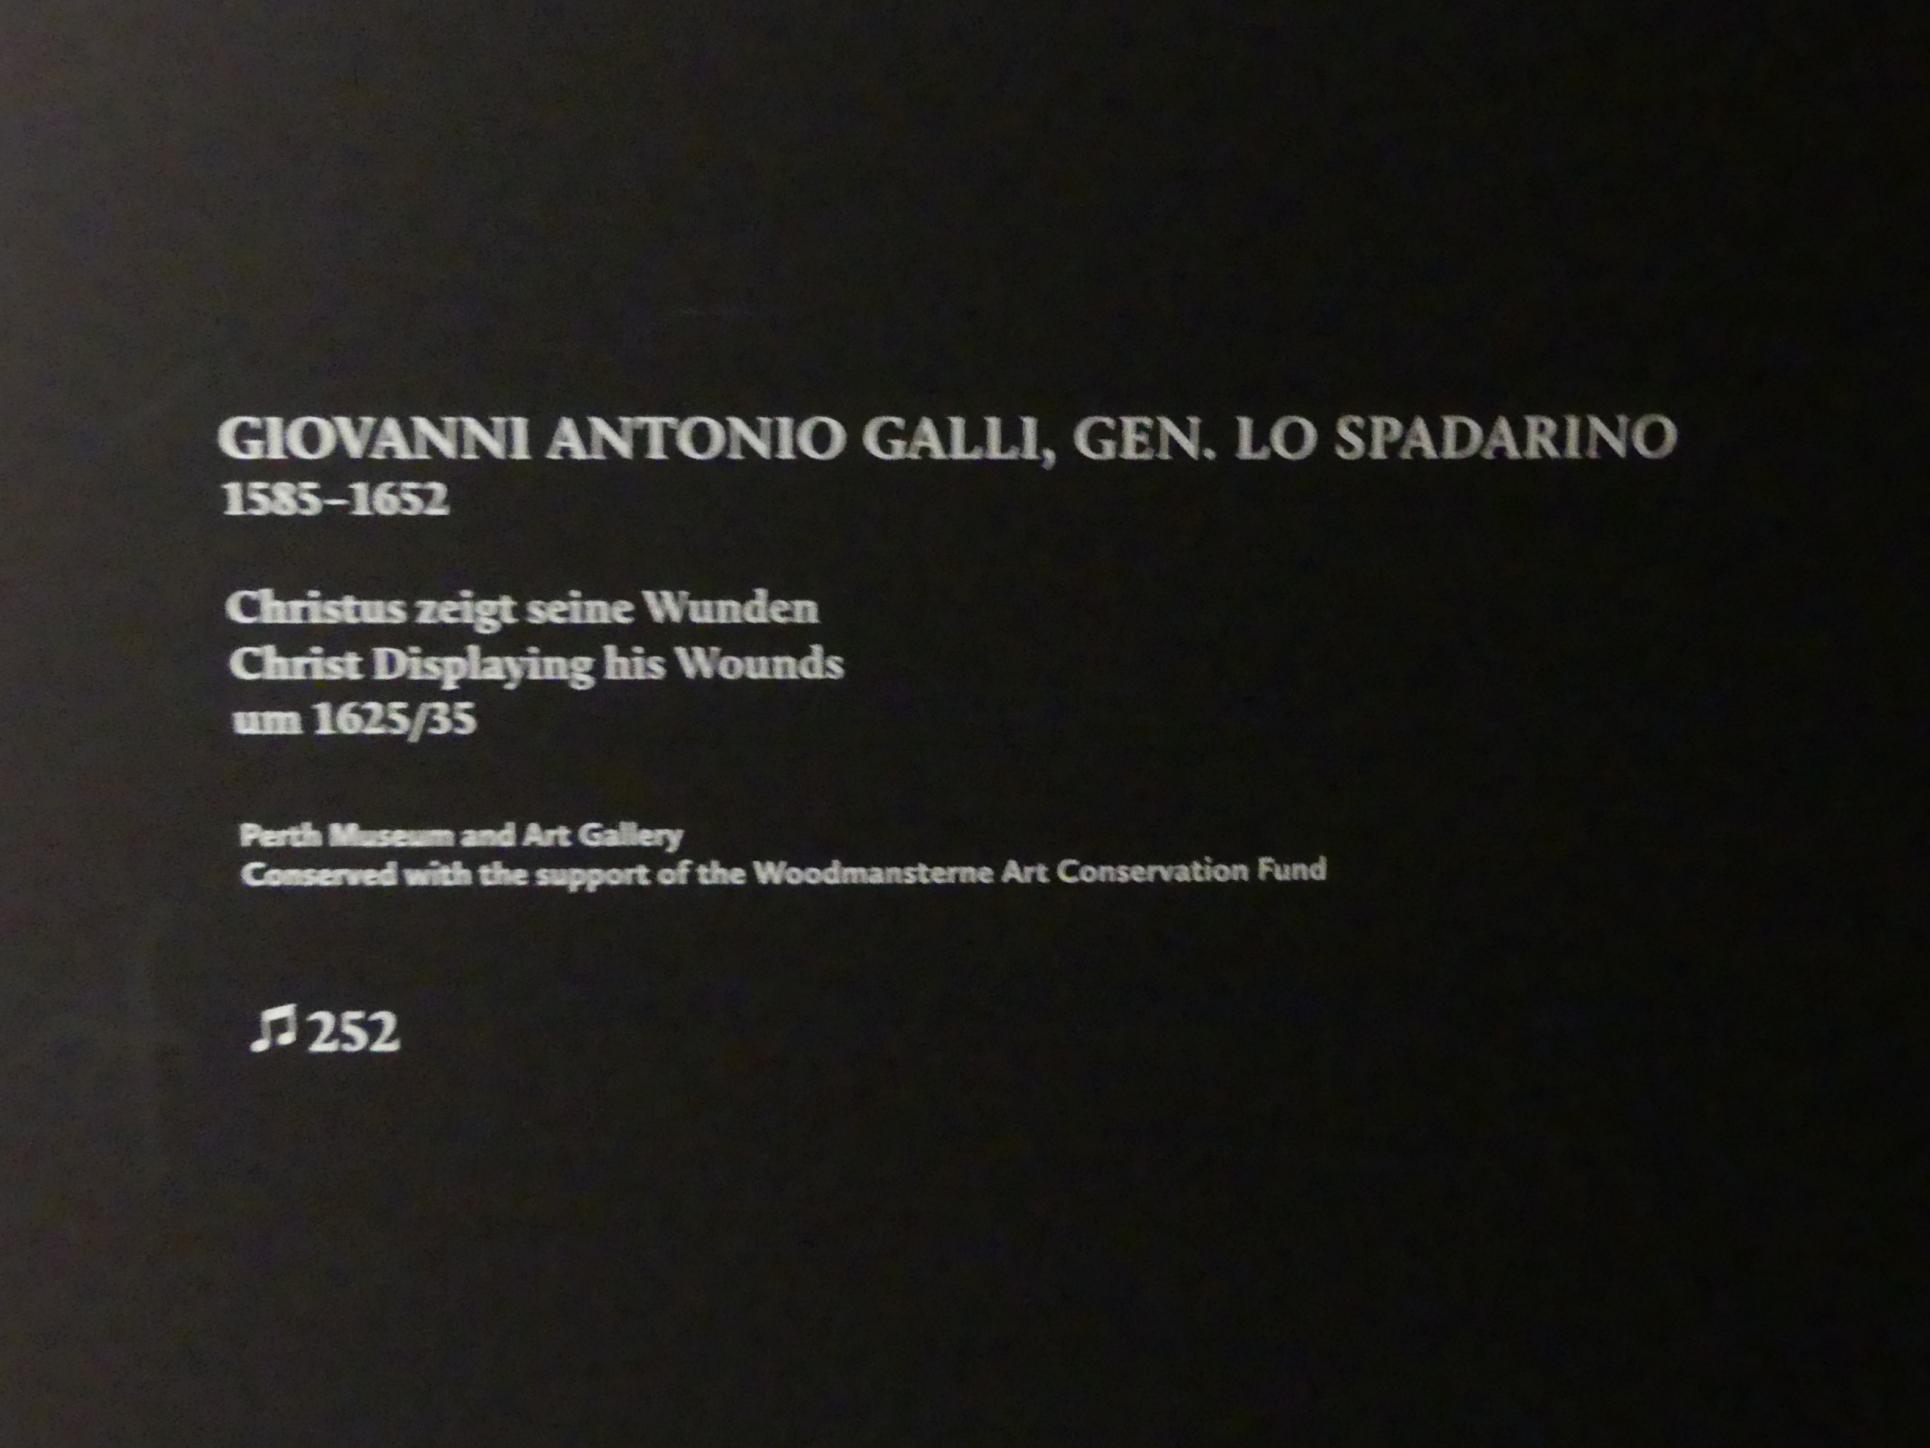 Giovanni Antonio Galli (Lo Spadarino): Christus zeigt seine Wunden, um 1625 - 1635, Bild 2/2